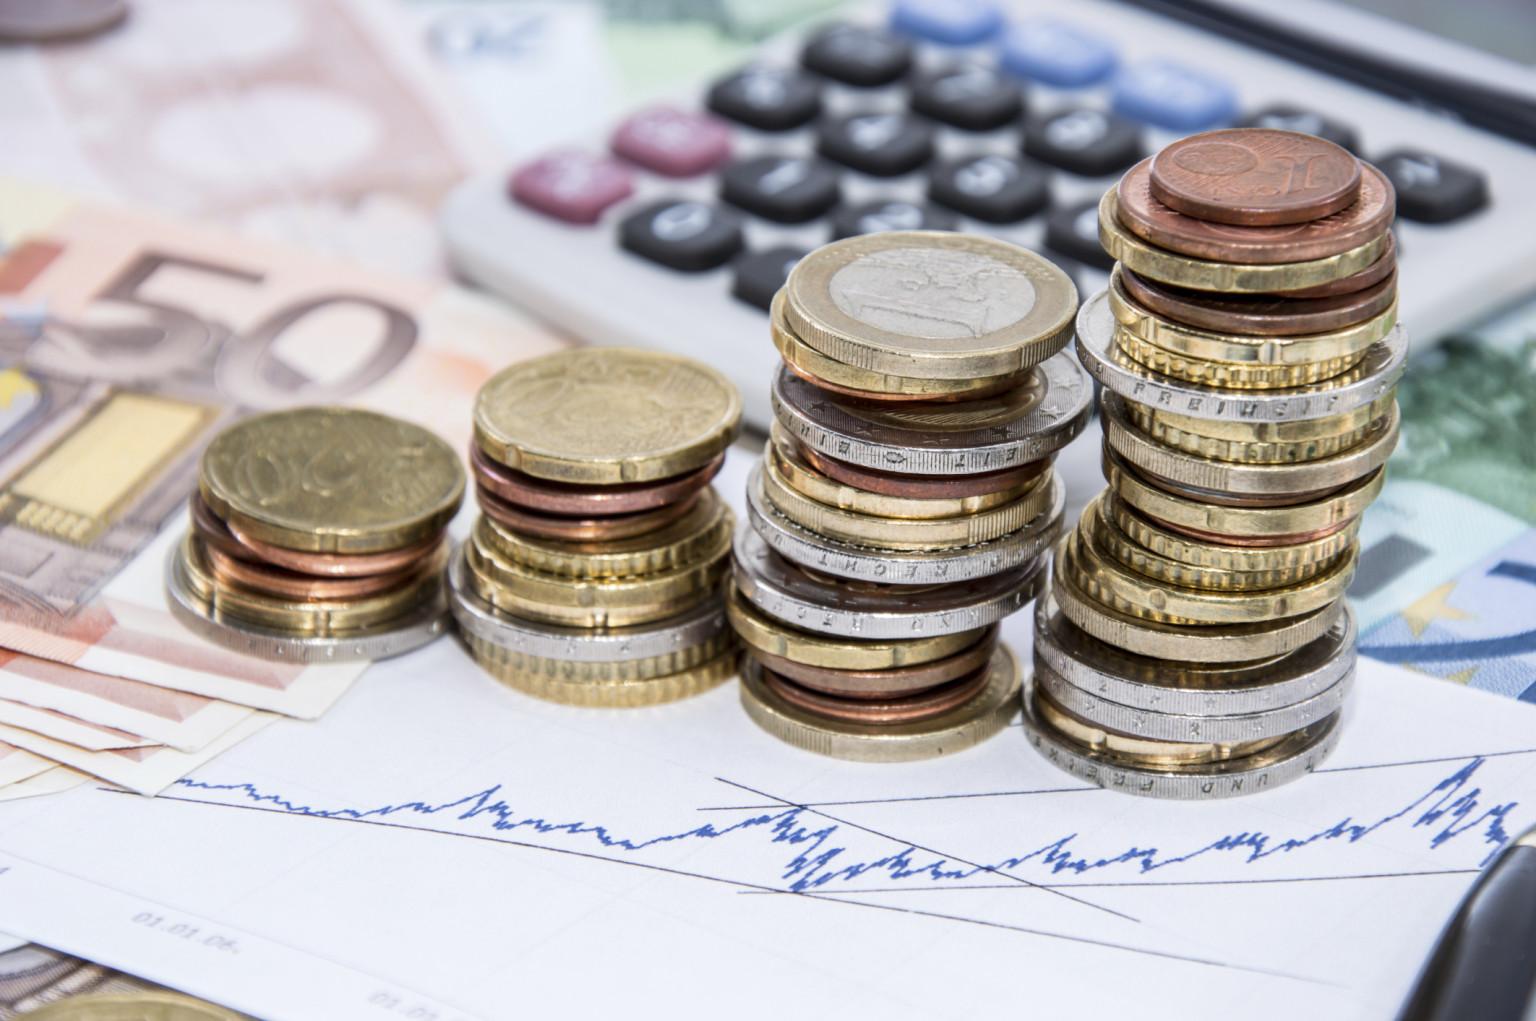 Total Tax Rate per artigiani e piccole imprese scende al 60,9%. -3,6% rispetto al 2012